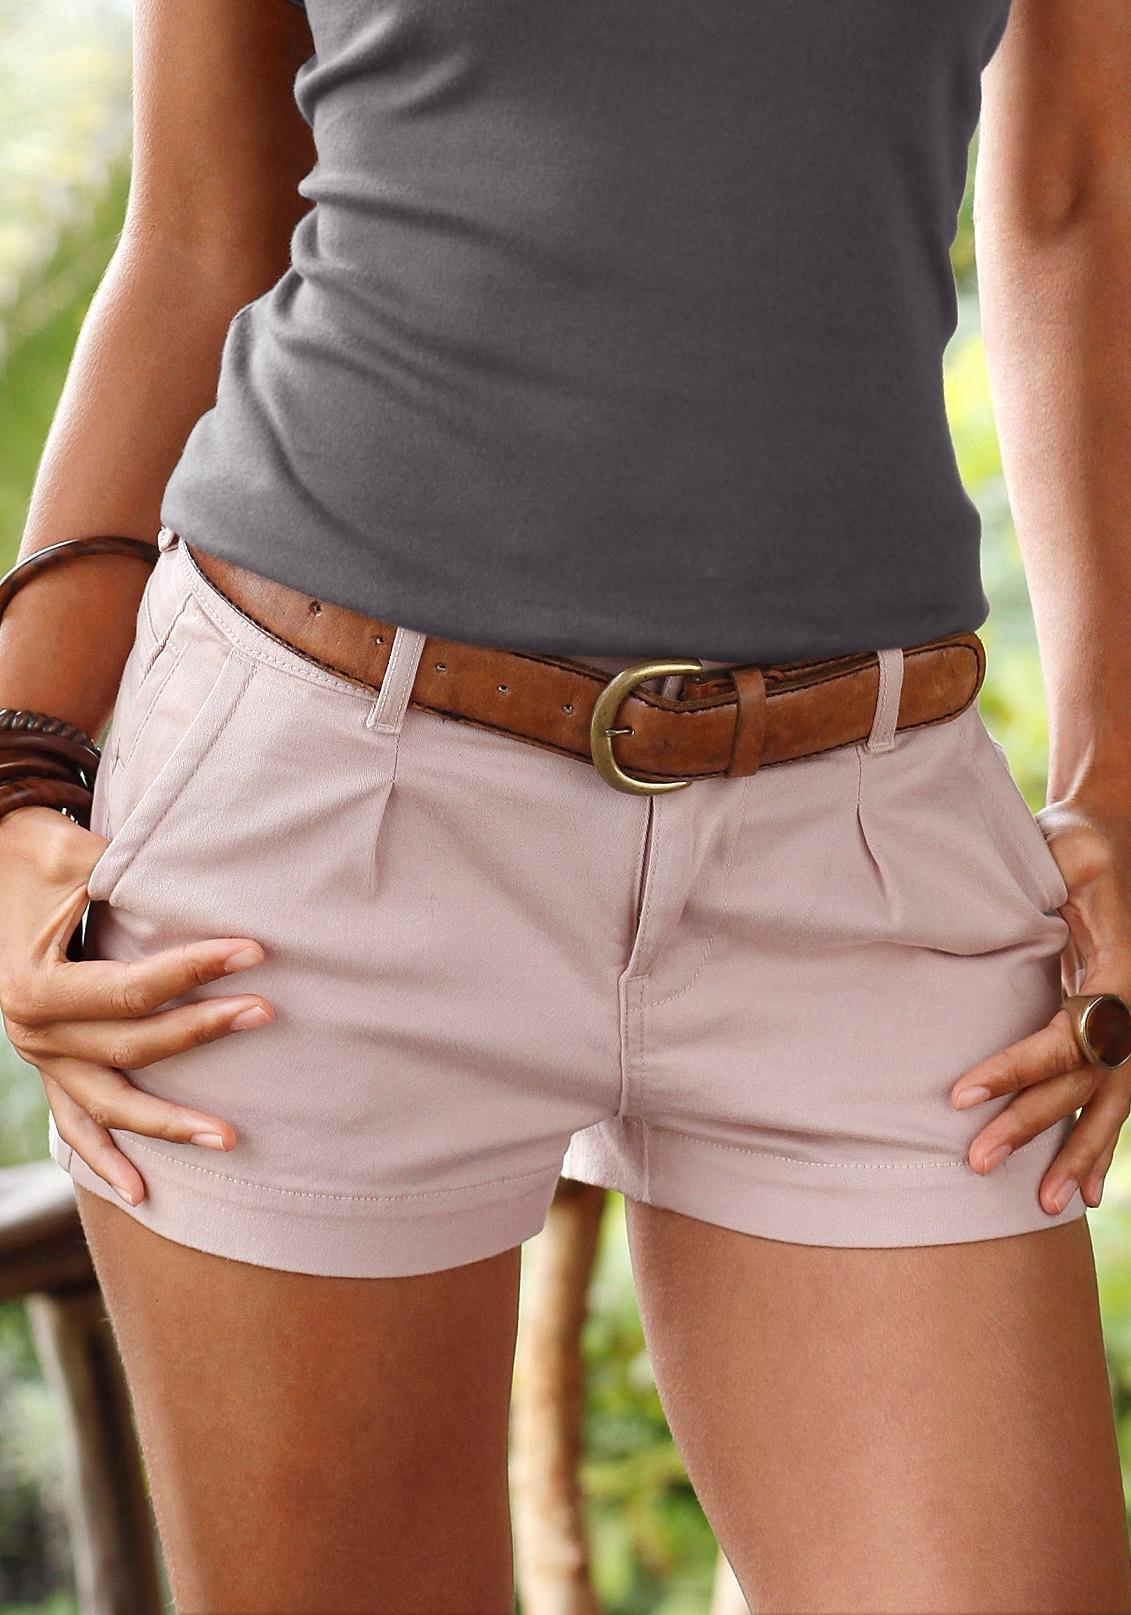 LASCANA Hotpants in de webshop van Lascana kopen